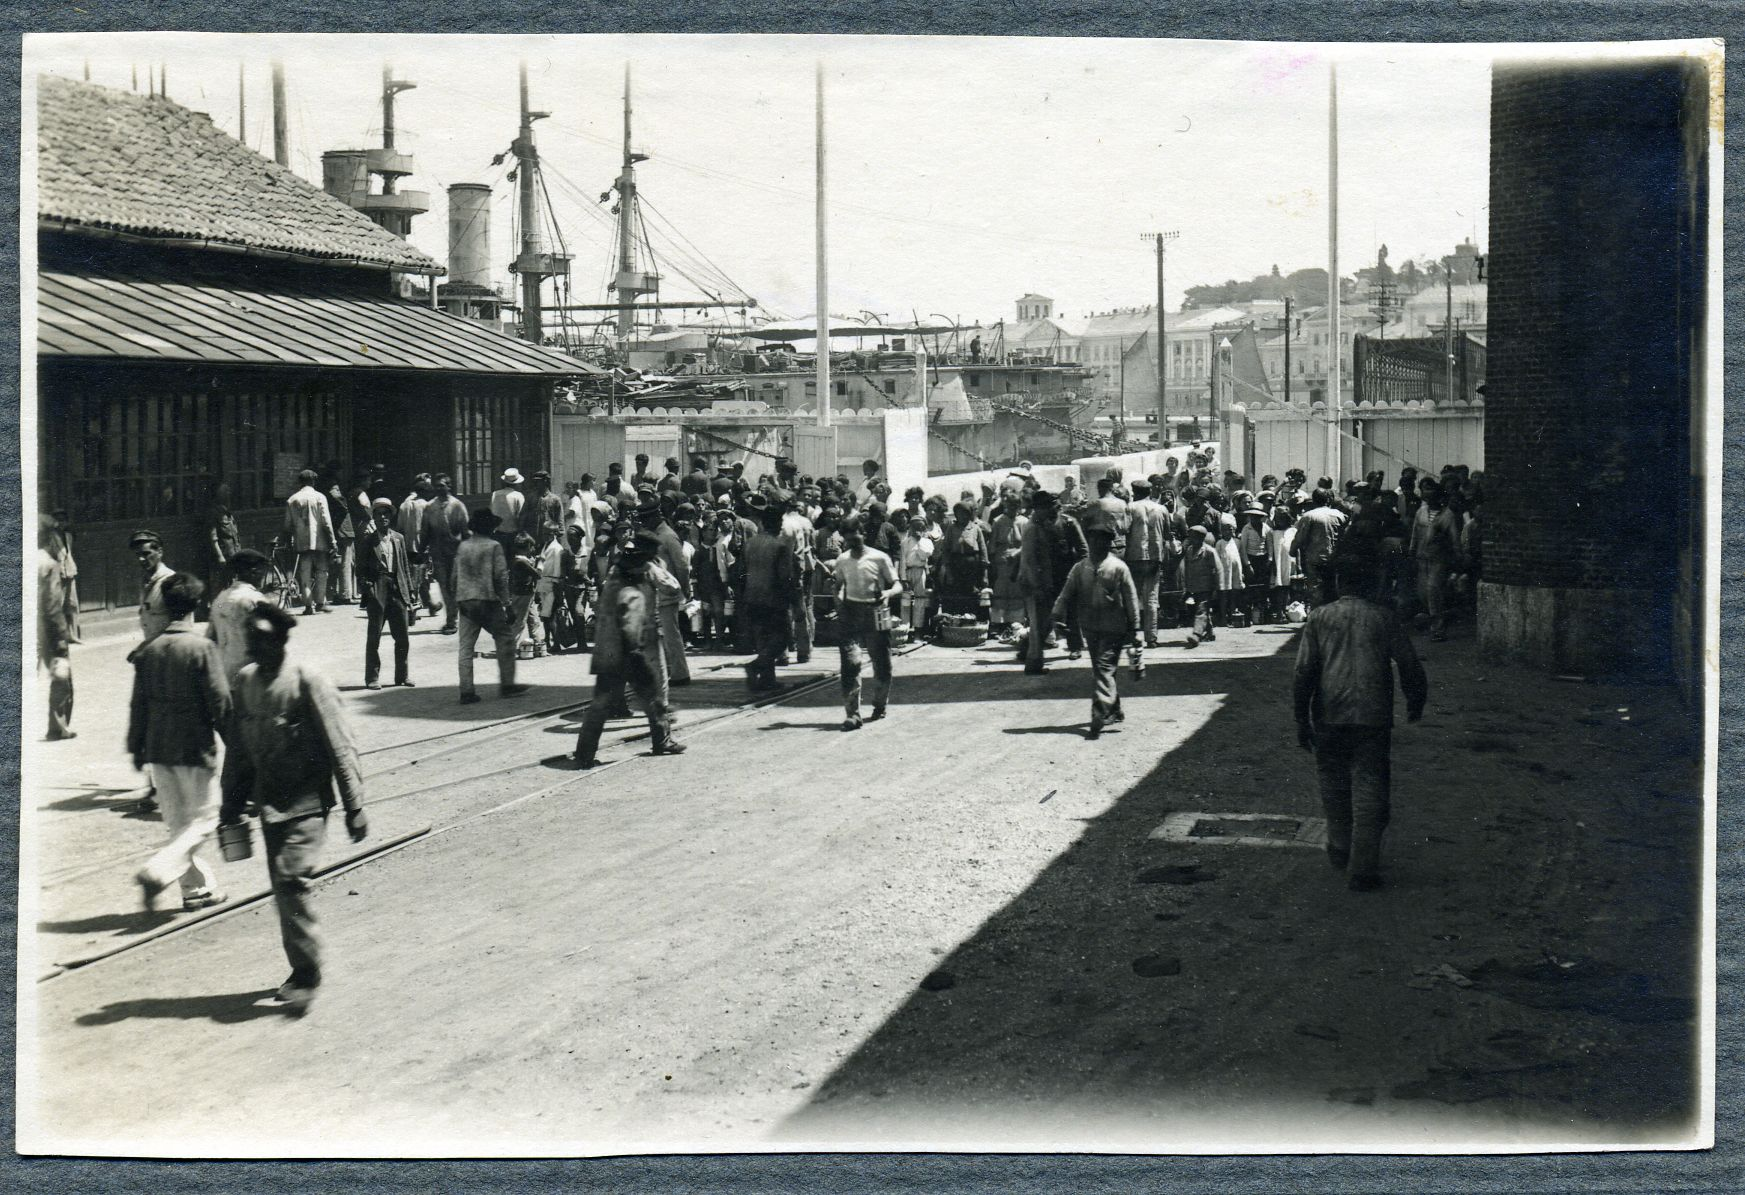 Dolazak radnika na posao u Uljanik, 1920. godina.